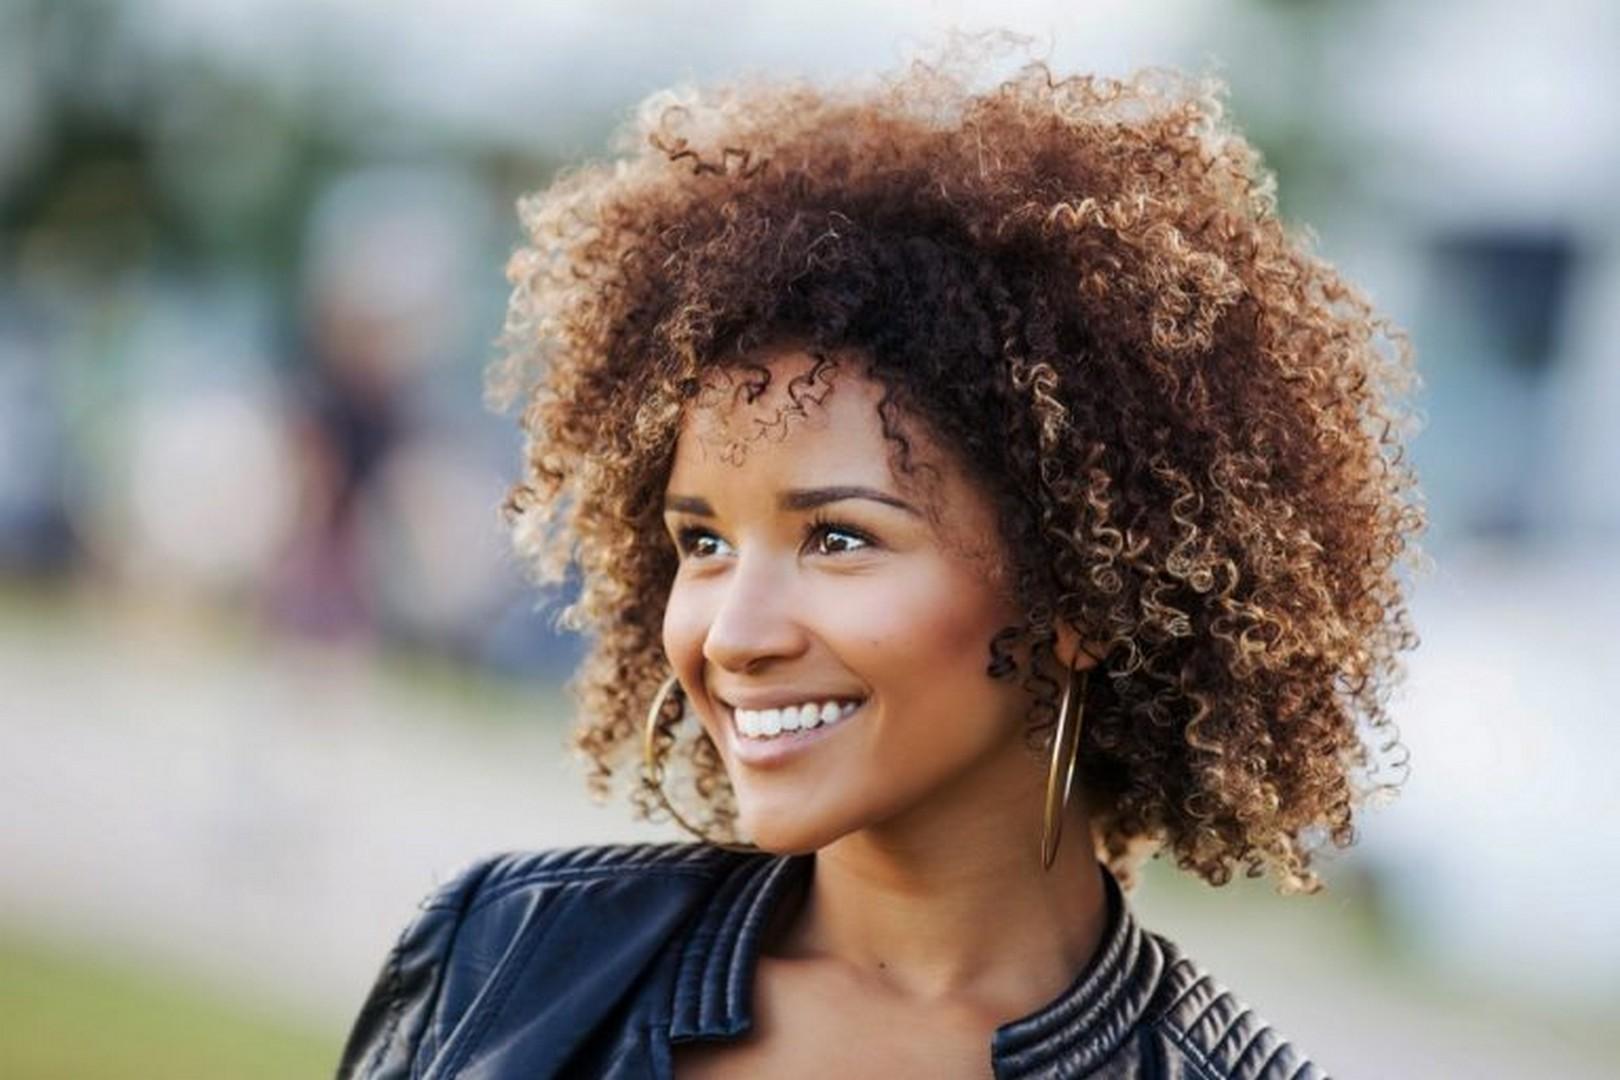 cabelo loiro com raiz escura 5 - Descubra porque o cabelo loiro com raiz escura é o look mais prático